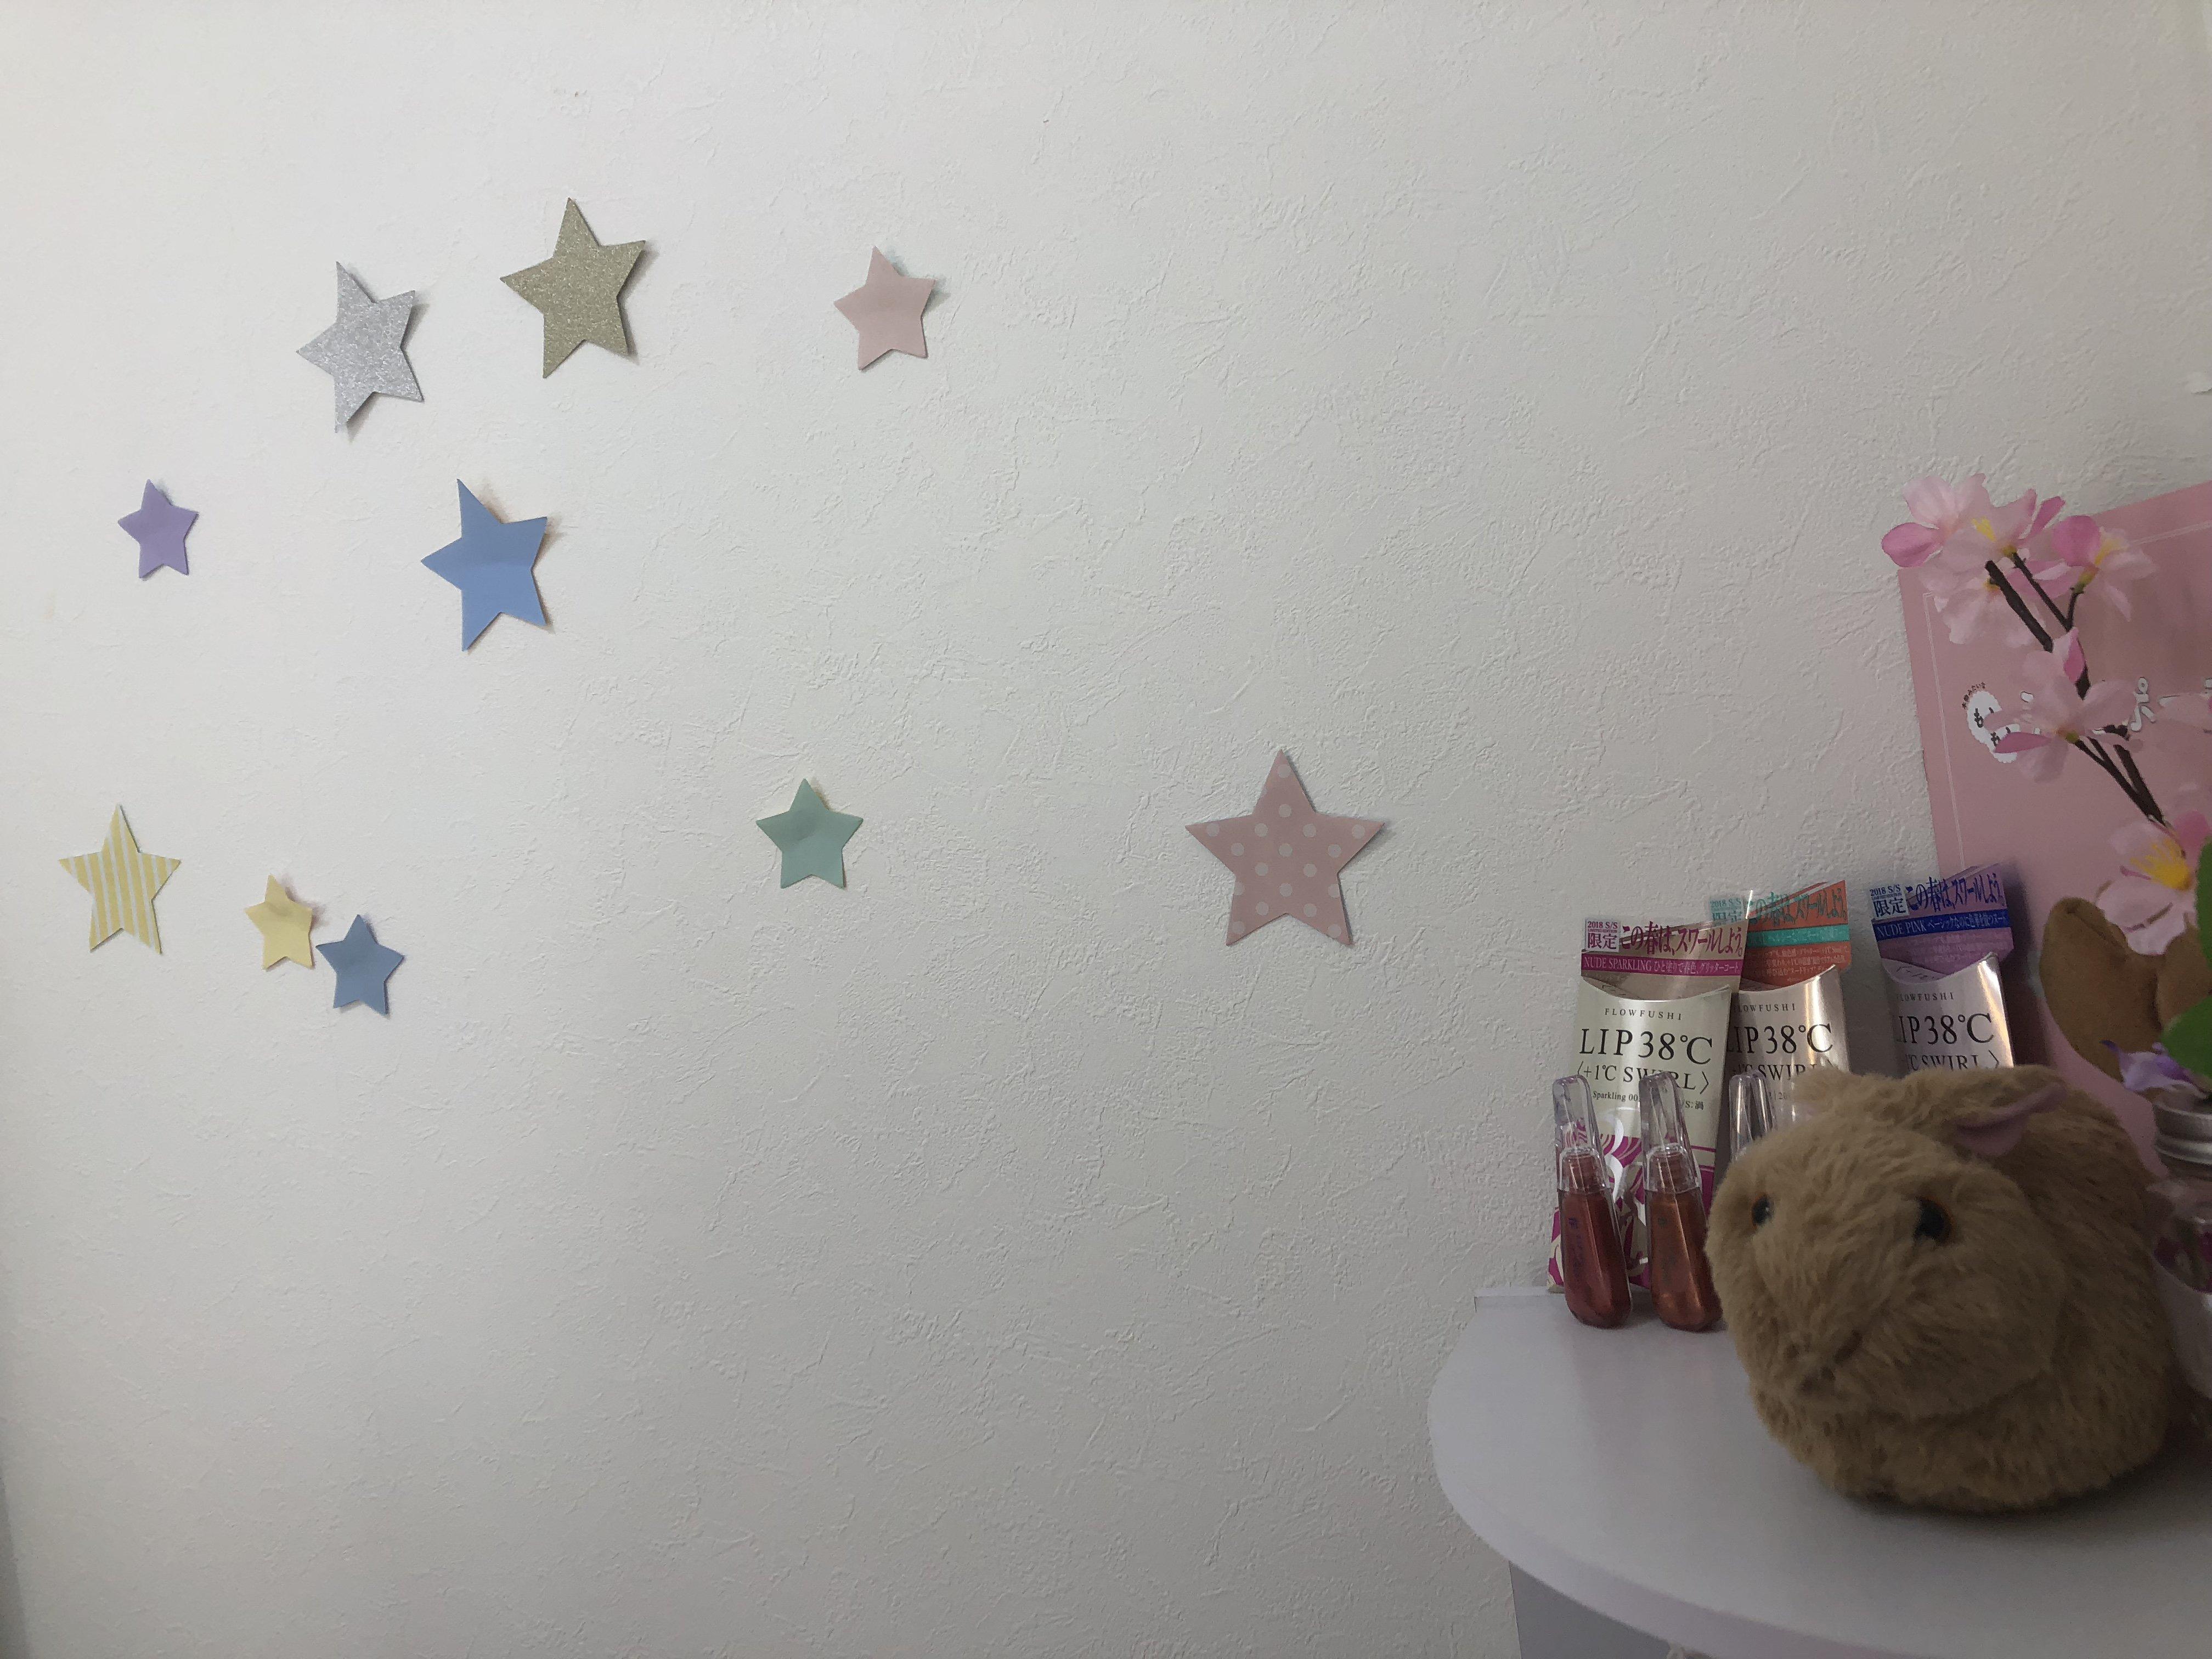 こんにちは(^^)私の部屋に仲間と飾りか増えました💖うさ…